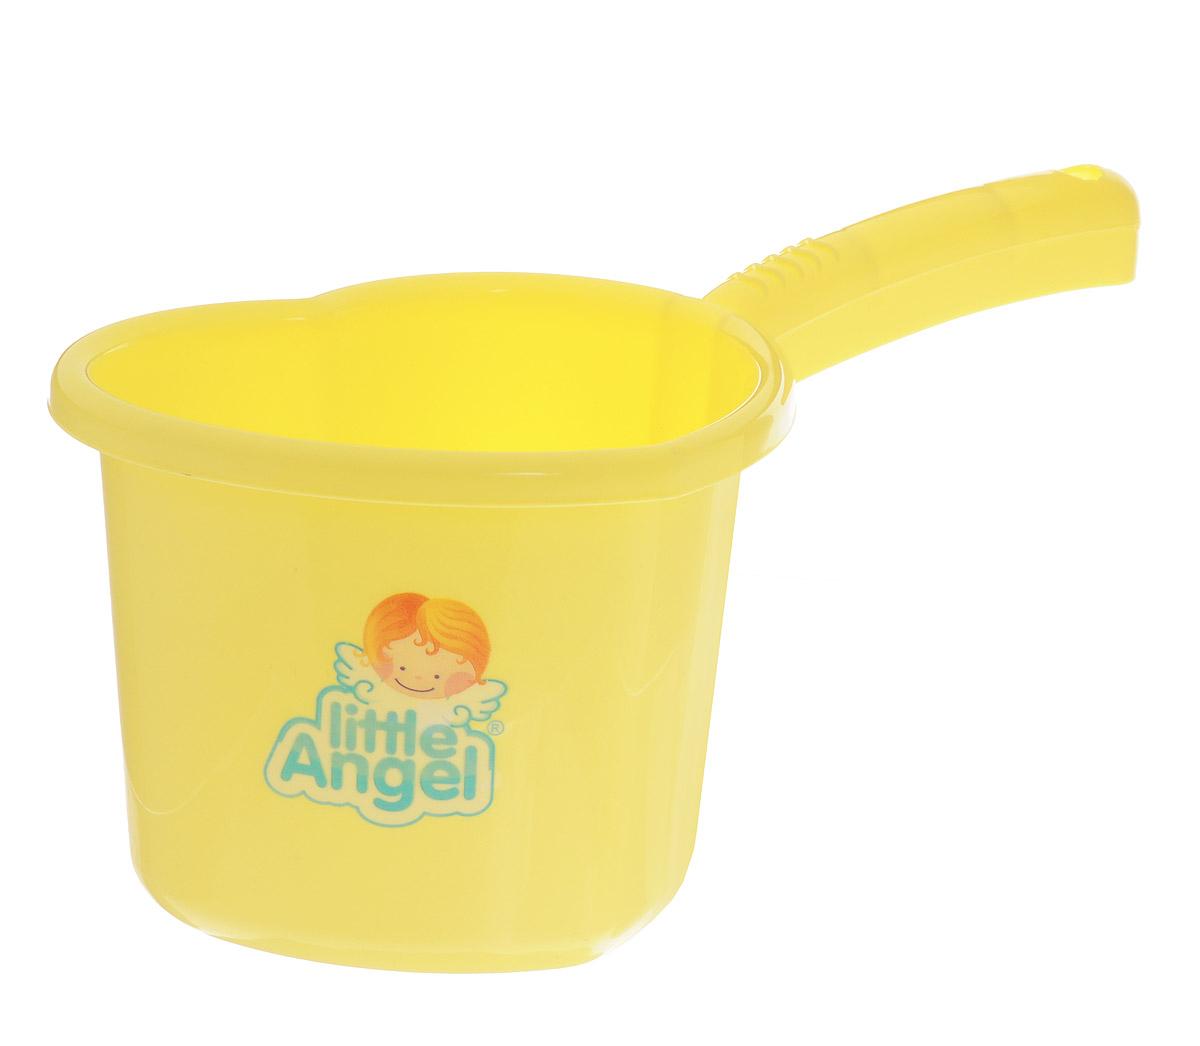 Little Angel Ковшик для детской ванночки цвет желтыйLA1022ЖТ_желтыйУдобный ковшик Little Angel станет надежным помощником при купании малыша с первых дней жизни. Ковшик в форме сердечка выполнен из безопасного пластика без содержания токсичных элементов. Ковш снабжен носиком, чтобы бережно поливать малыша и длинной ручкой с рельефными насечками. Благодаря насечкам ручка не будет проскальзывать в ладони.